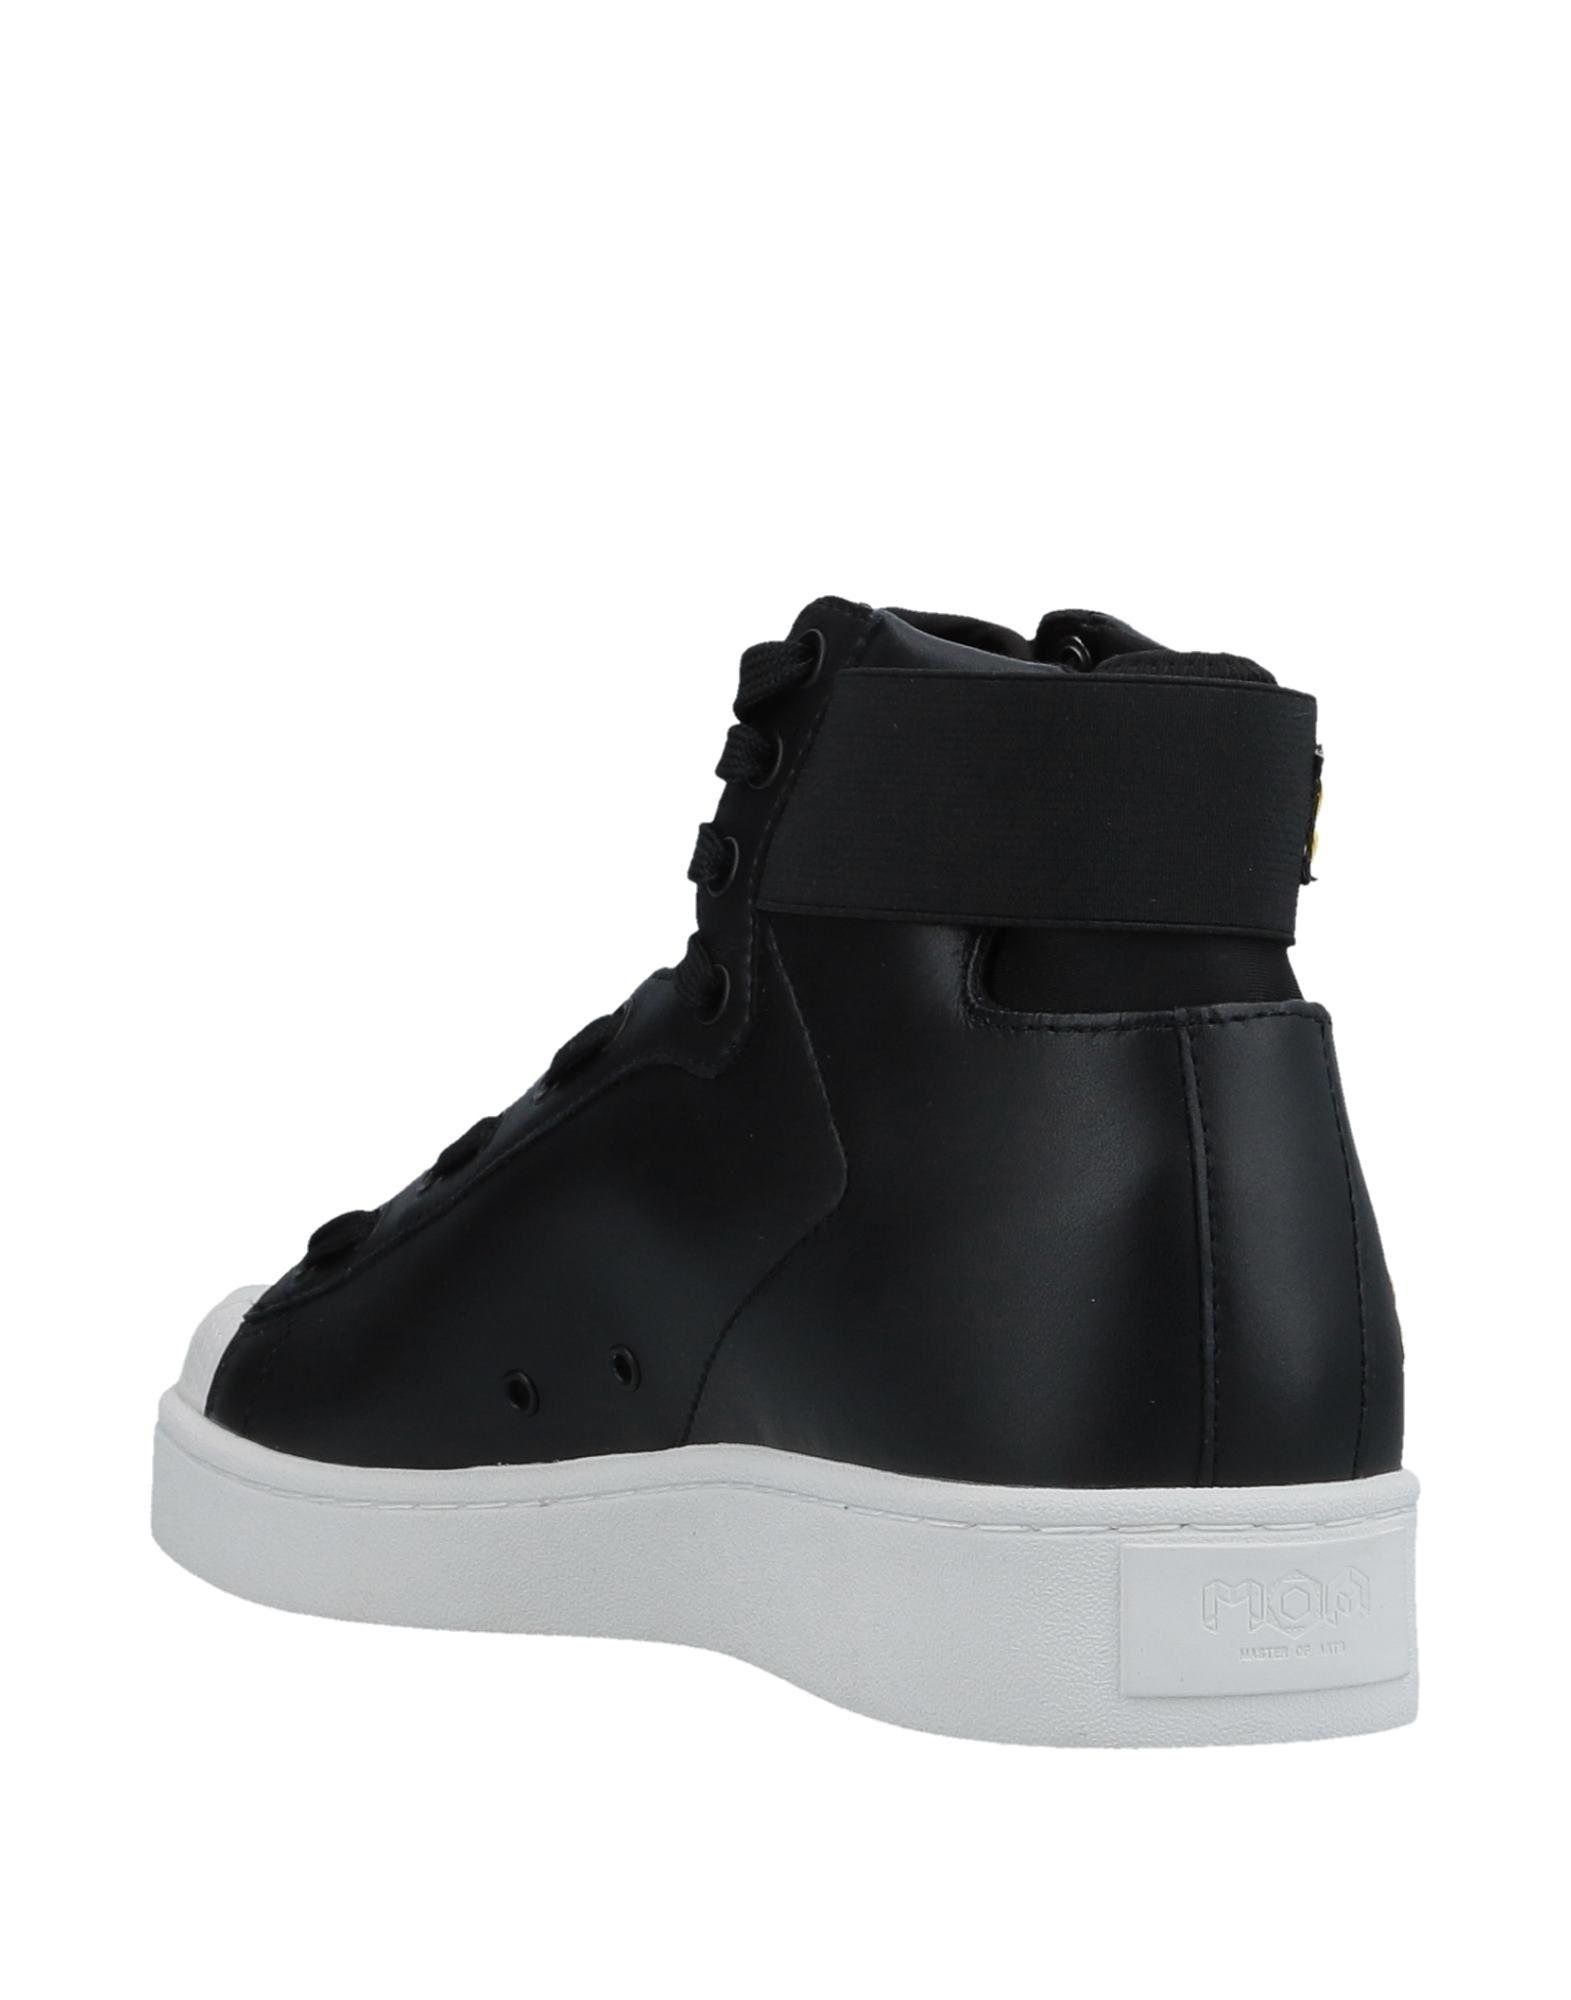 Rabatt echte Schuhe Moa  Master Of Arts Sneakers Herren  Moa 11509768PG af33f7